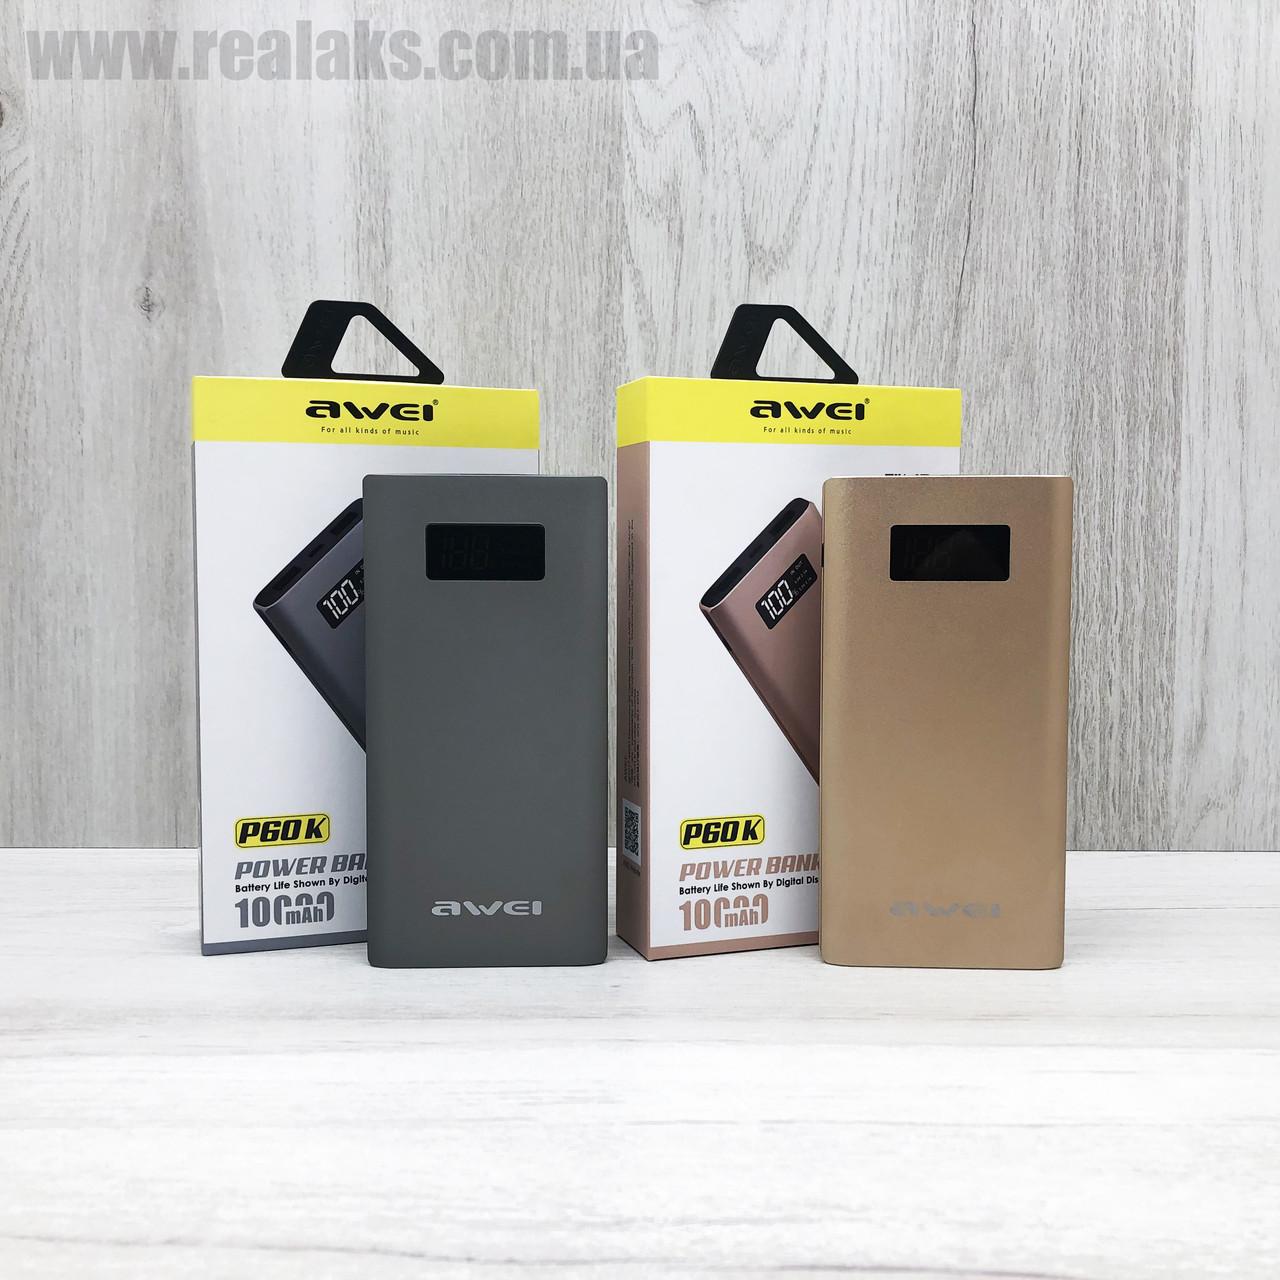 PowerBank AWEI P60K 10000 mA/h (Black)